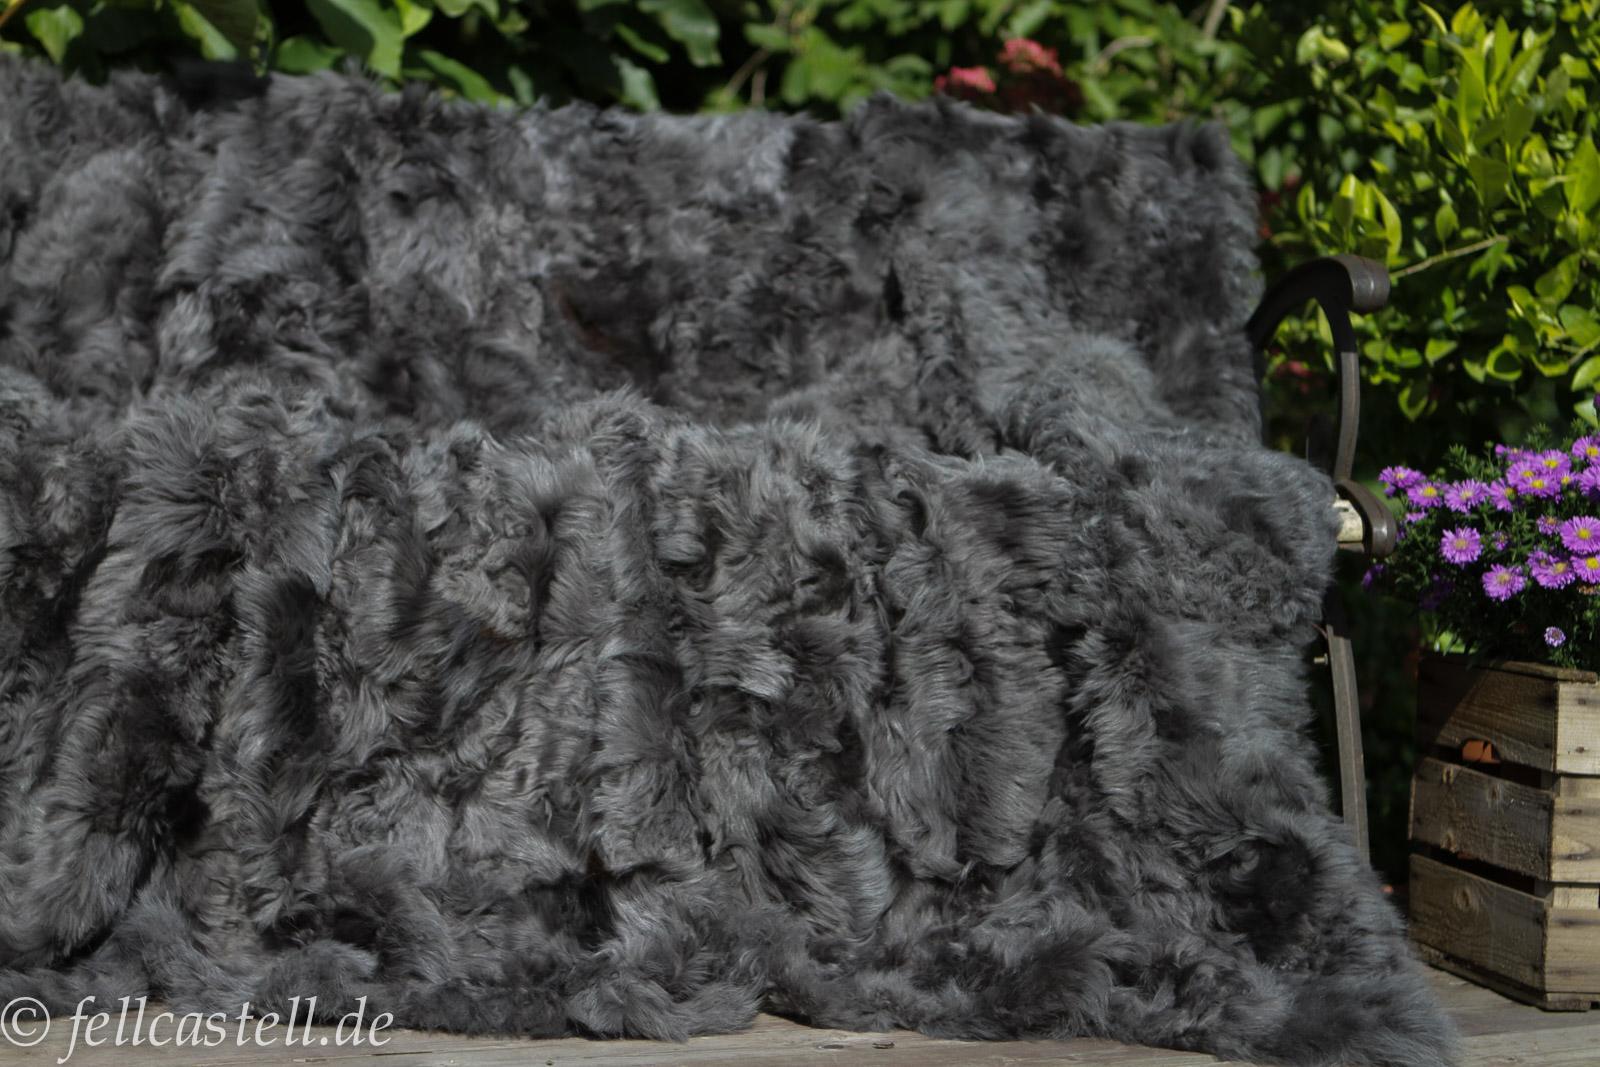 Lammfelldecke Grau 200x155 cm Toscana Lammfell Patchwork Rückseite Leder Schaffell Decke Felldecke